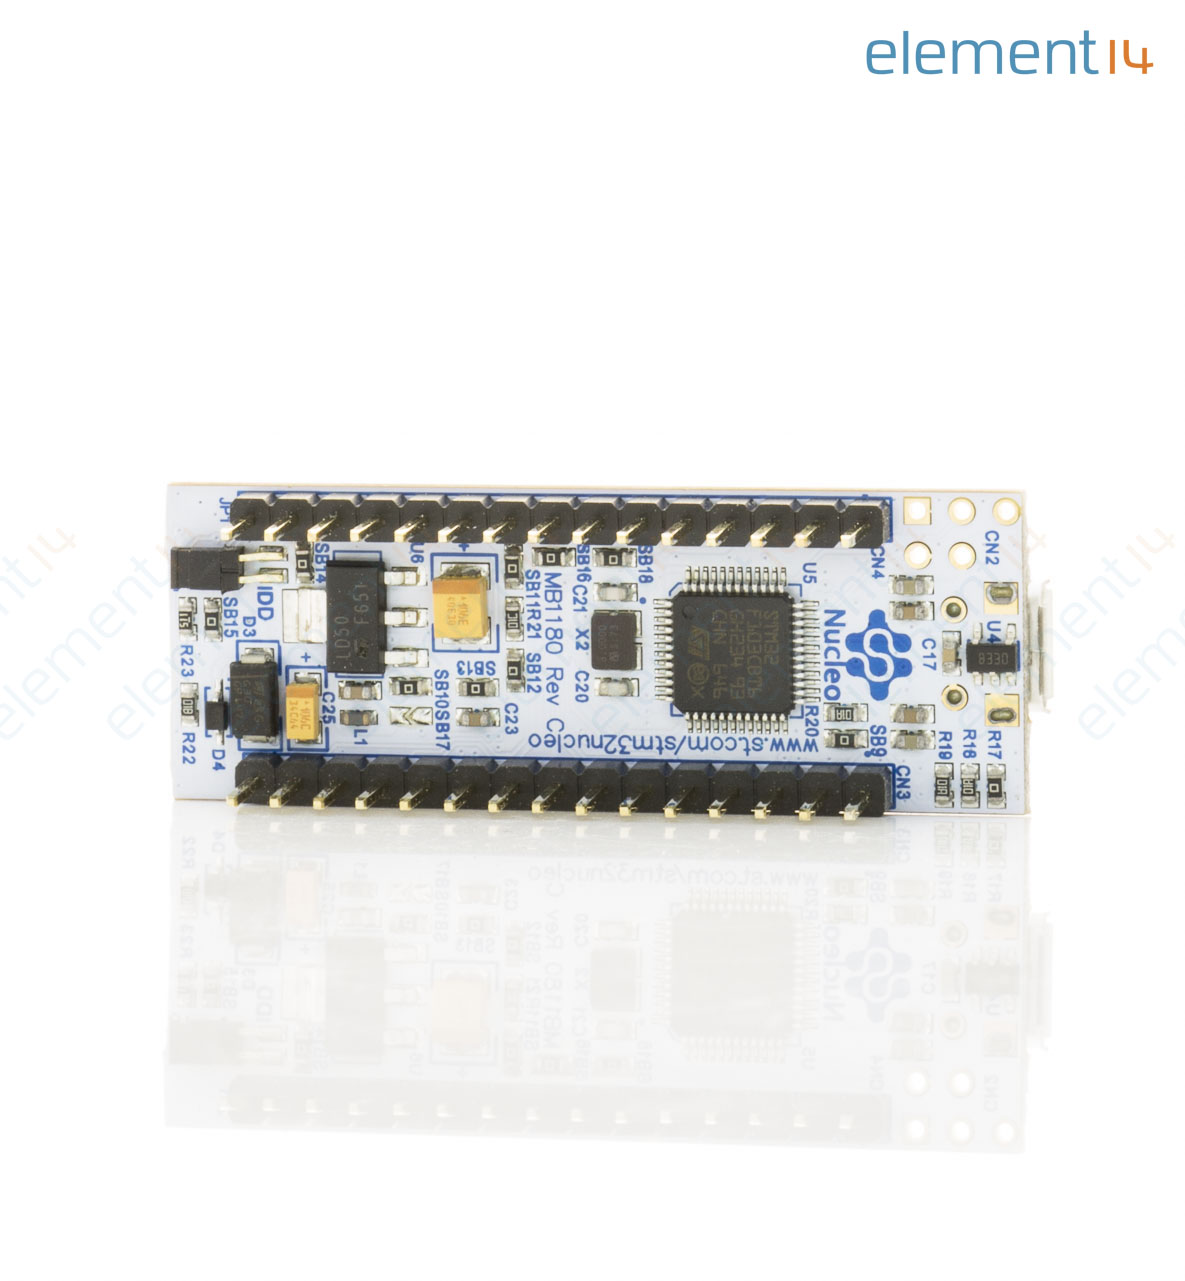 Development Board, Nucleo-32 MCU, ST-LINK/V2-1 Debugger/Programmer, Nano  Extension